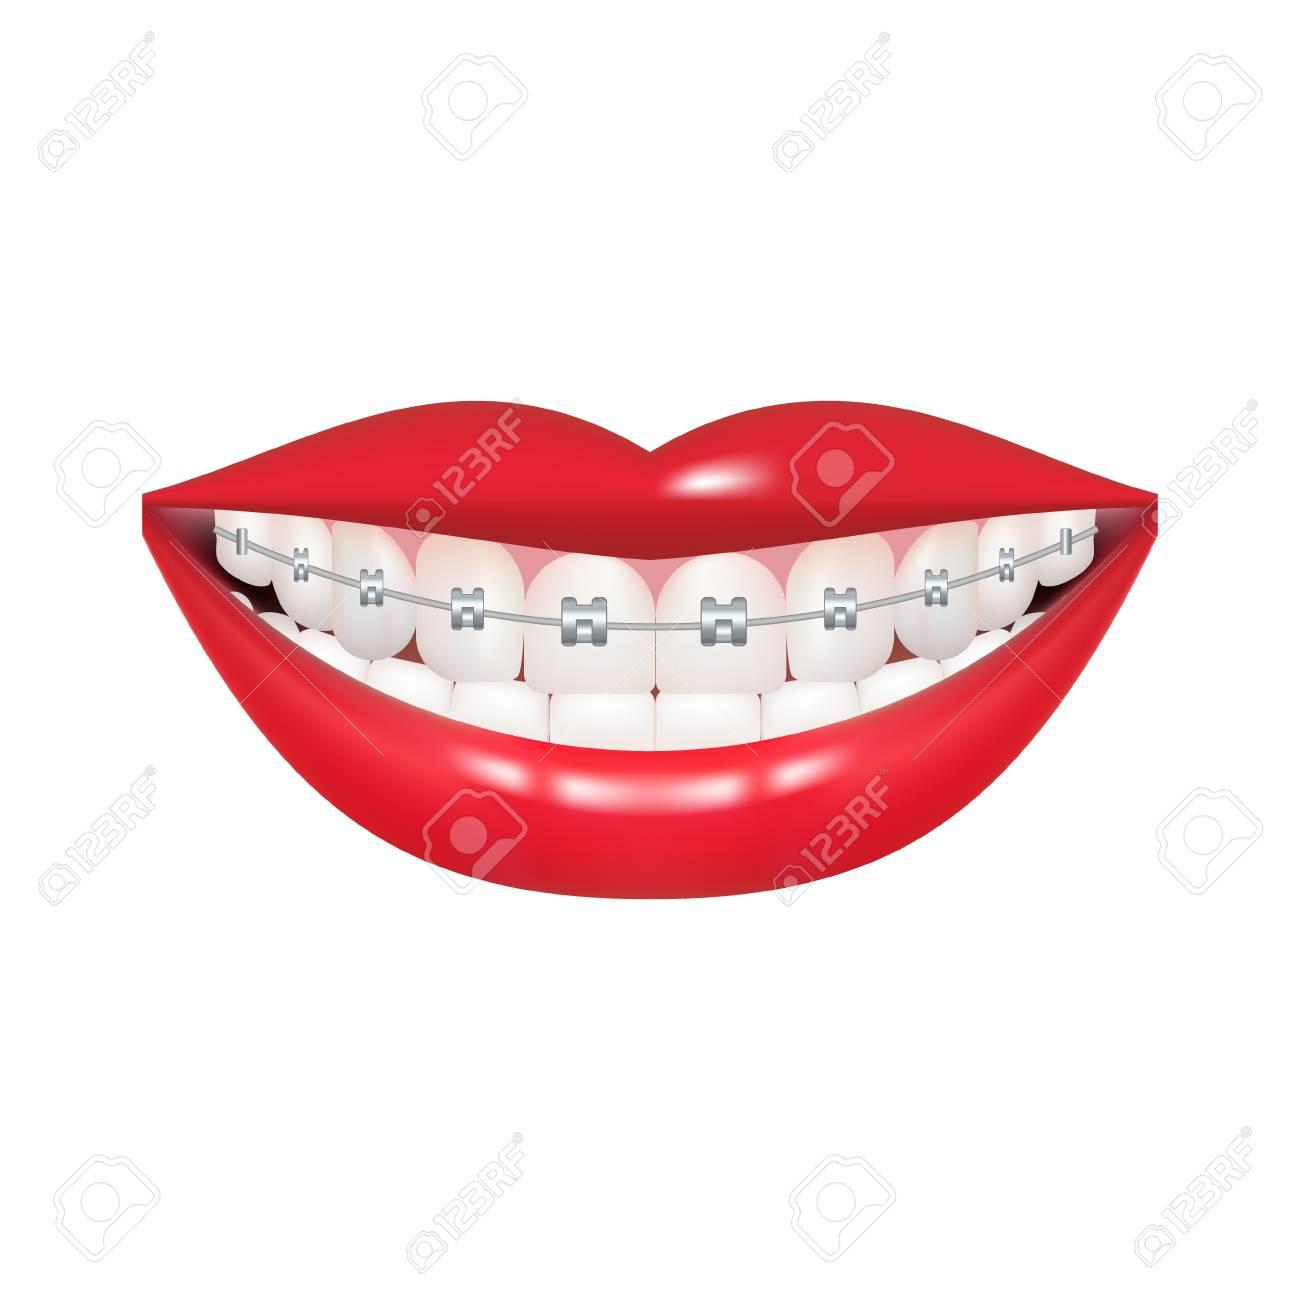 Dentist, orthodontist. Vector illustration. Braces on teeth.